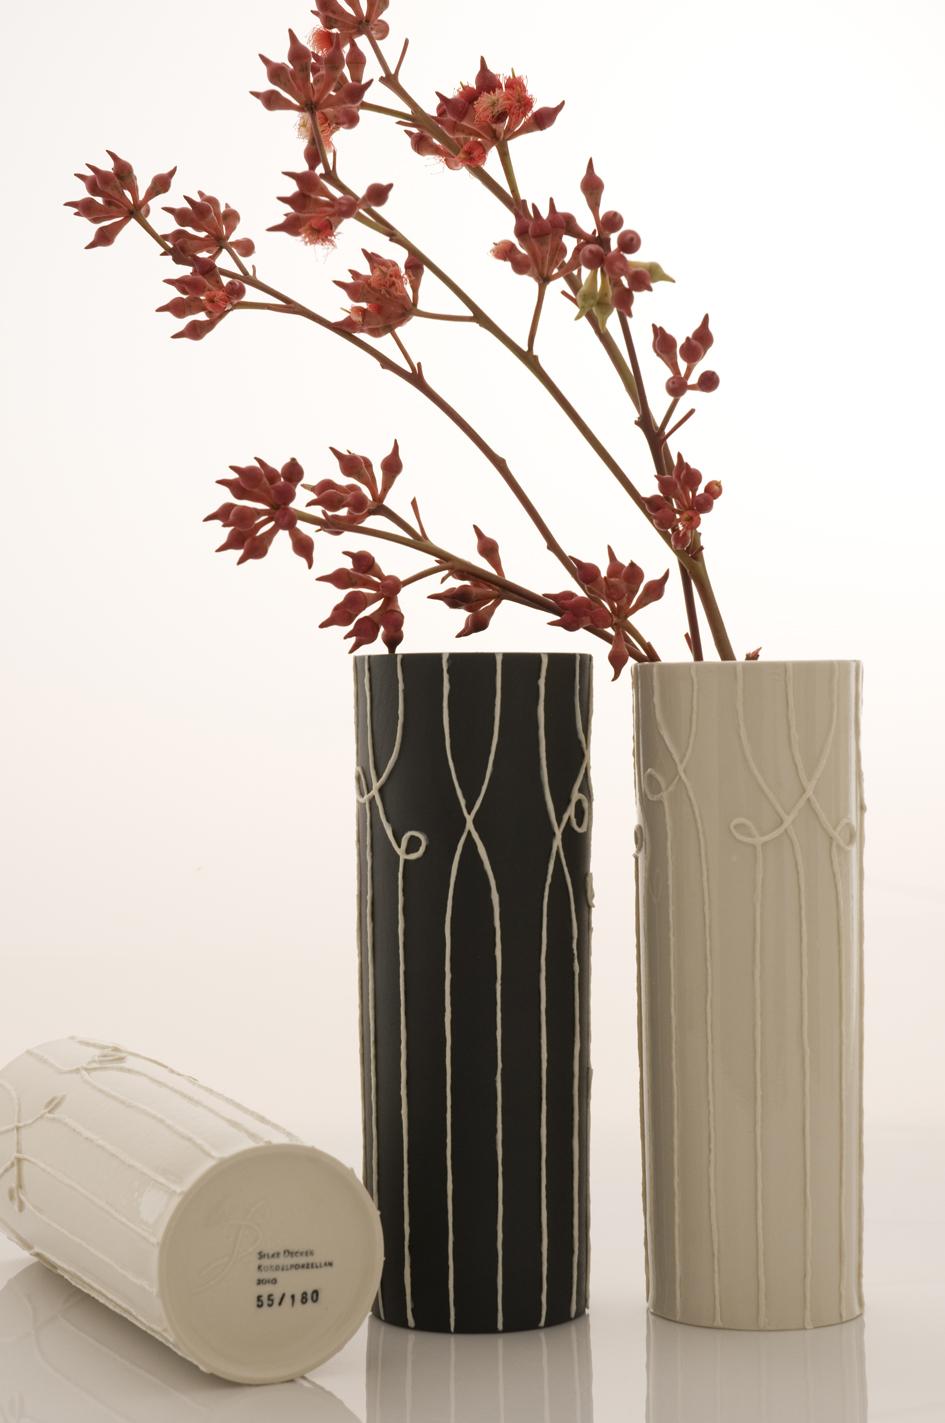 Nadelstreifen Vasen pinstripe vases h 26 cm image: Natalie Williams